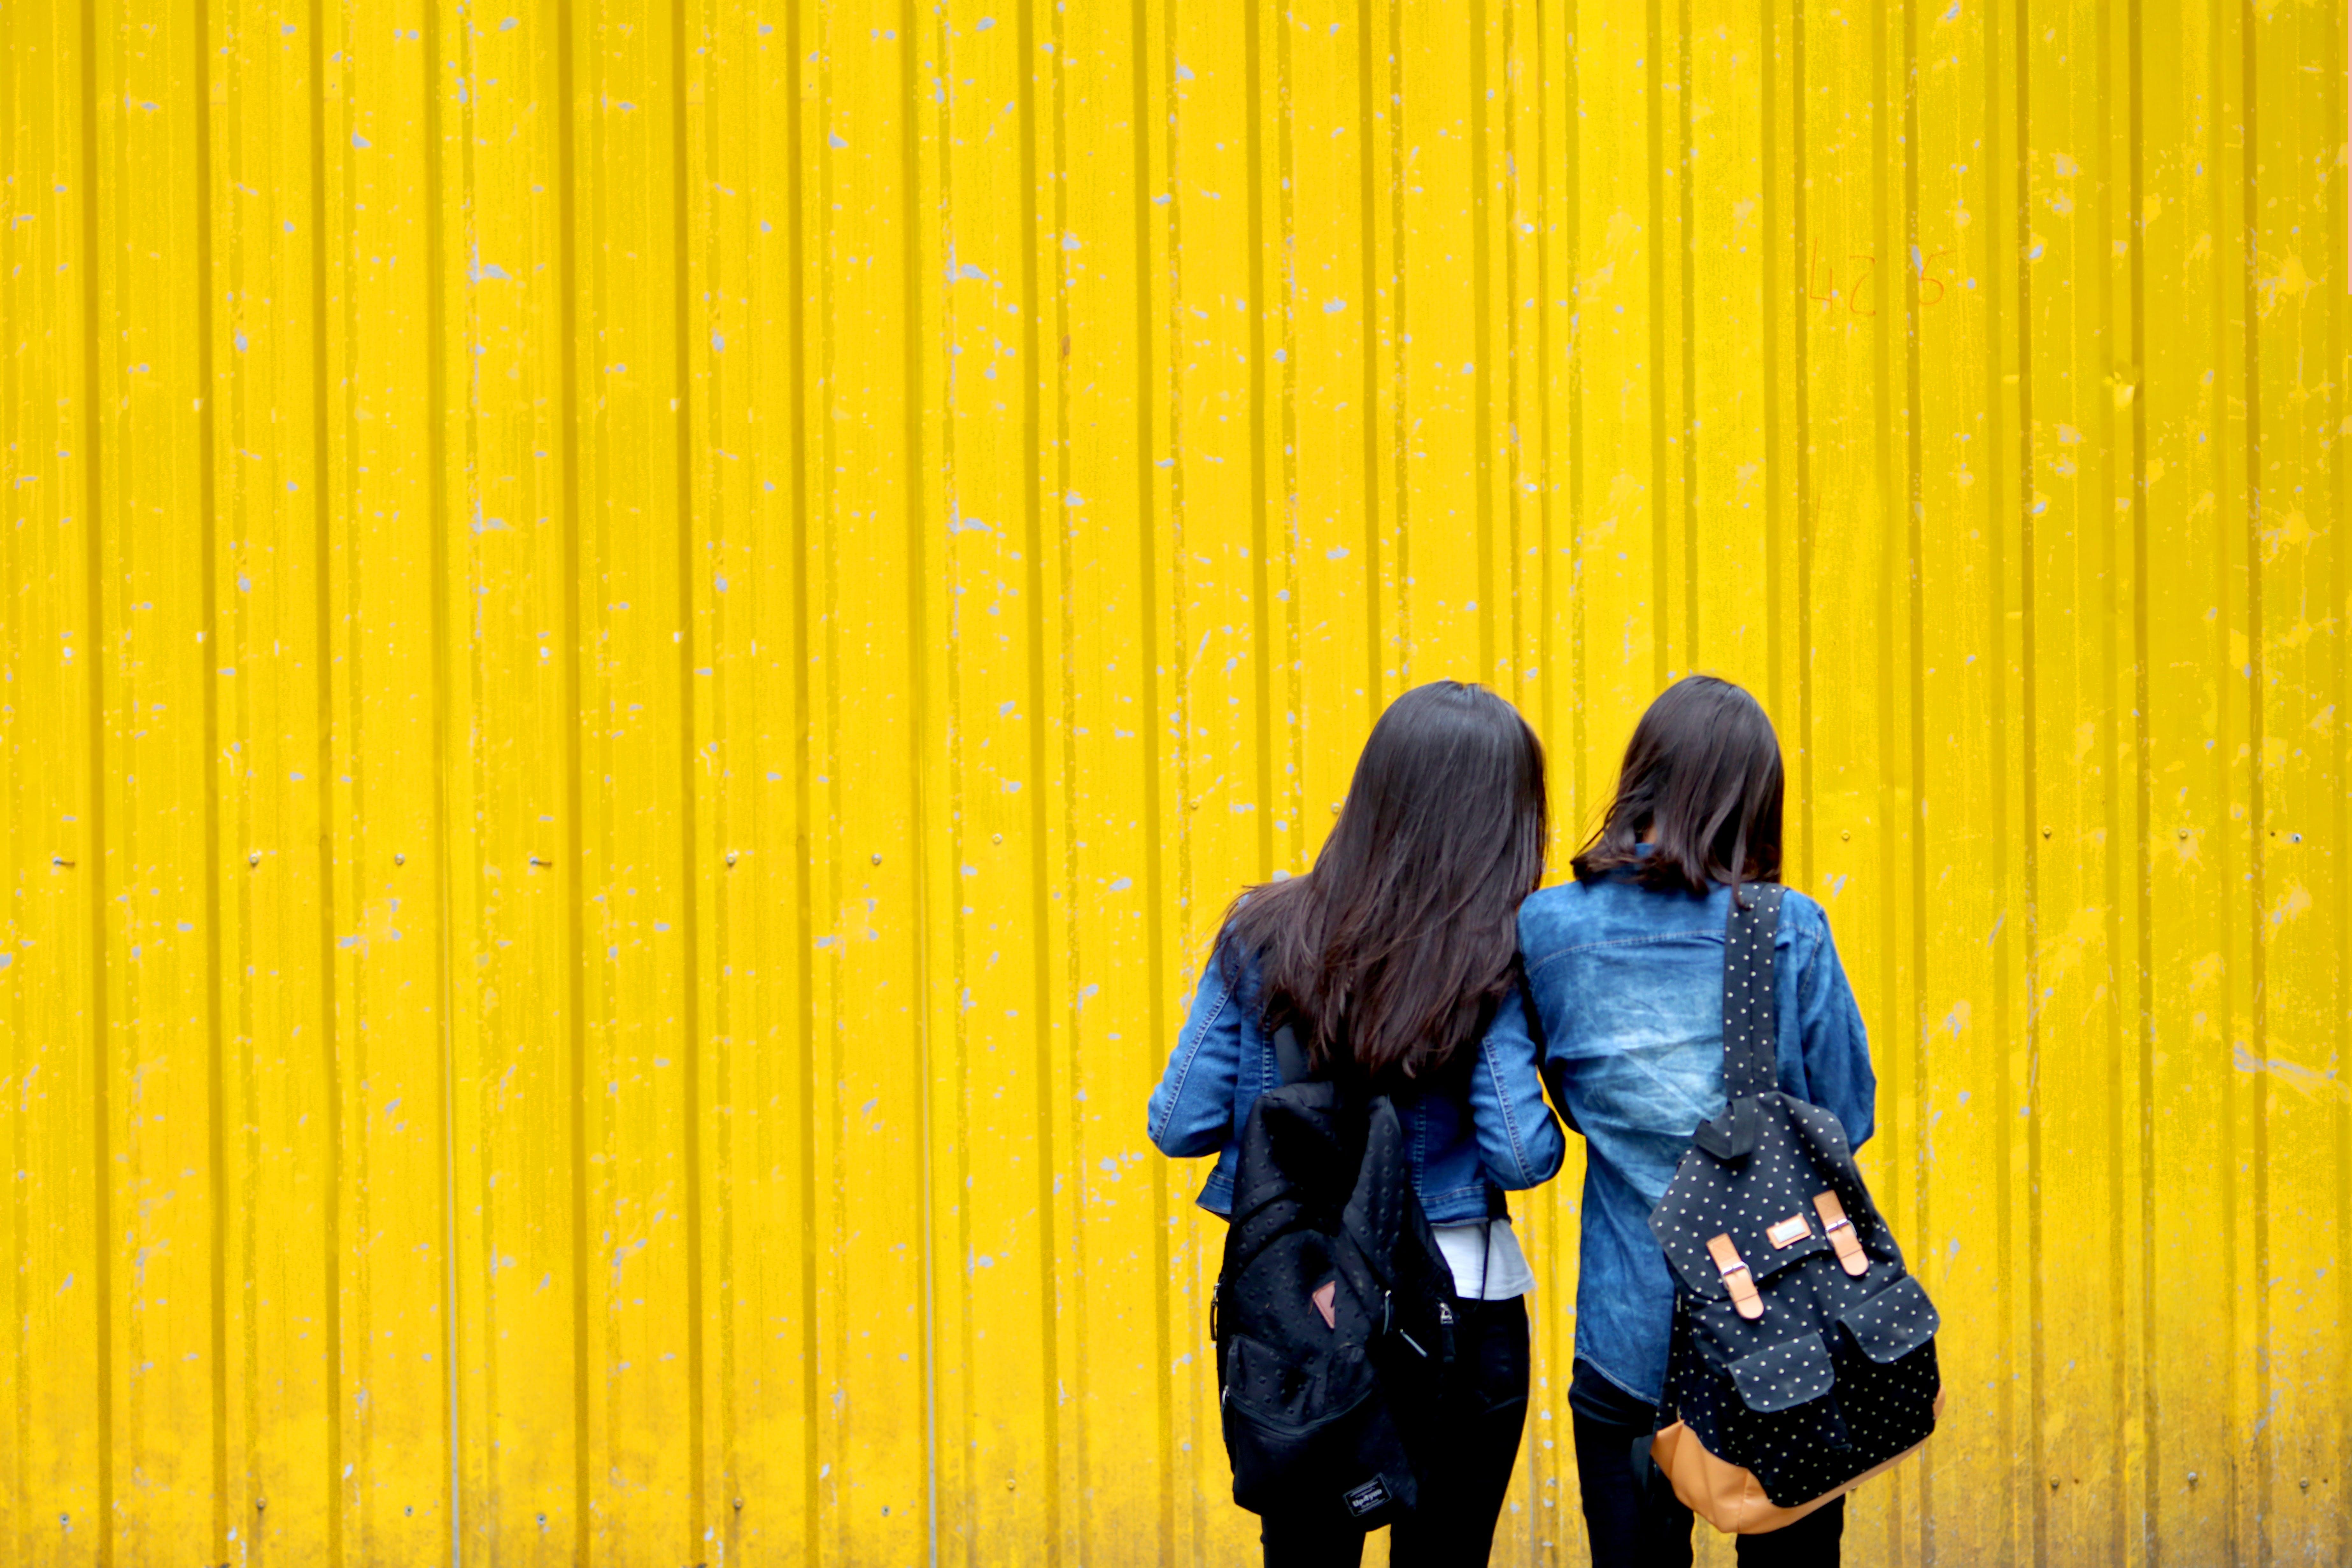 Two Women In Denim Jackets